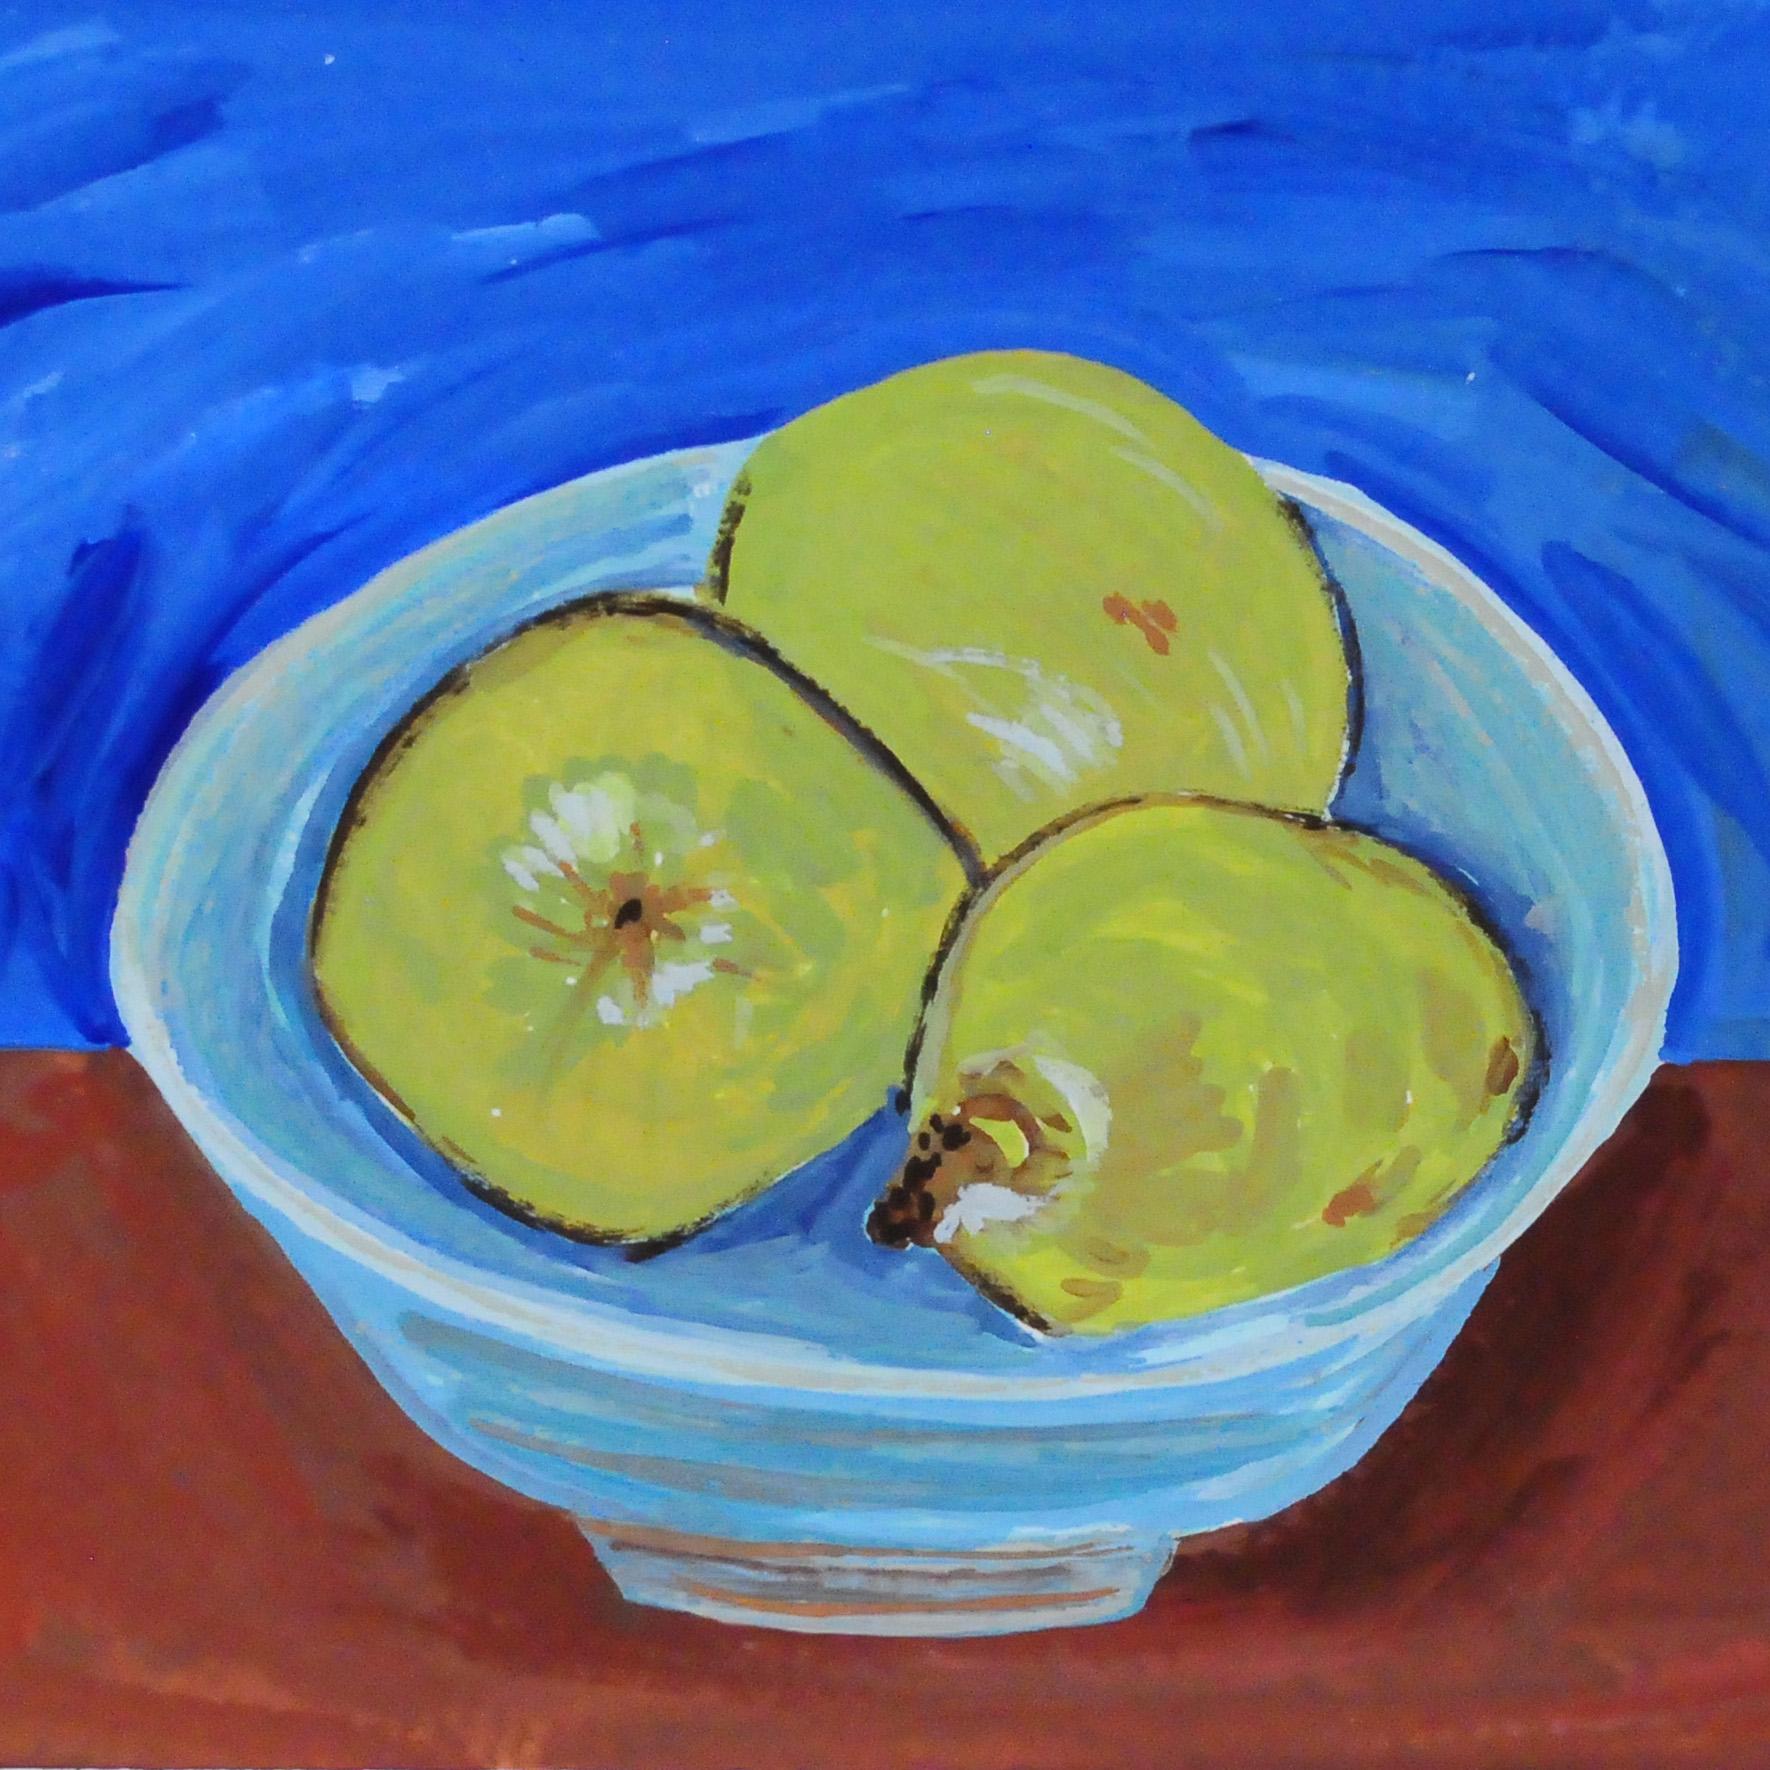 2017 Three Pears crop.jpg